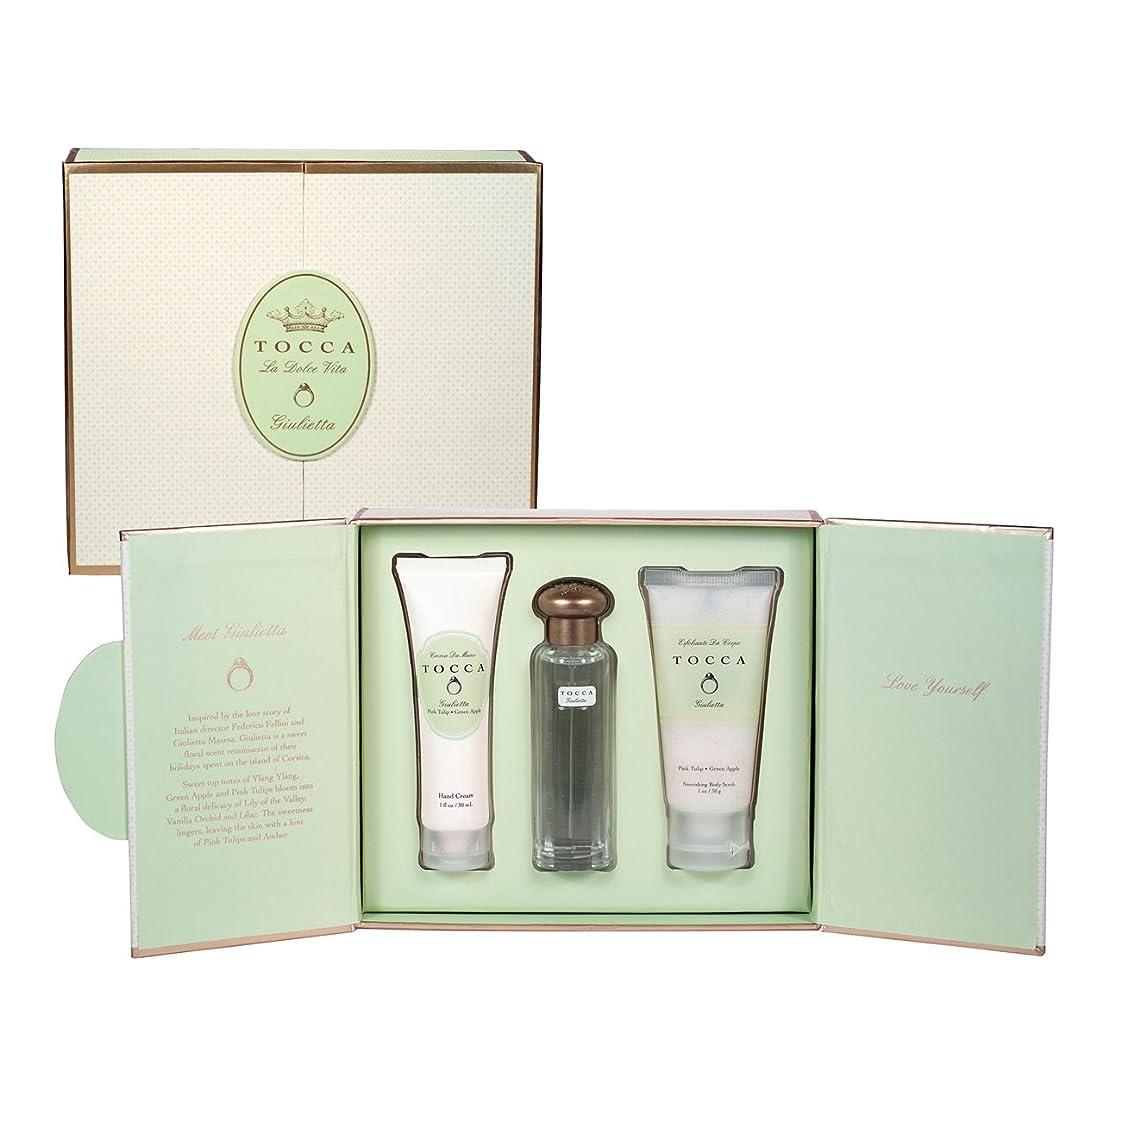 旋回シードモッキンバードトッカ(TOCCA) ドルチェヴィータコレクション ジュリエッタの香り (香水20ml、ハンドクリーム30ml、ボディーケアスクラブ30ml)